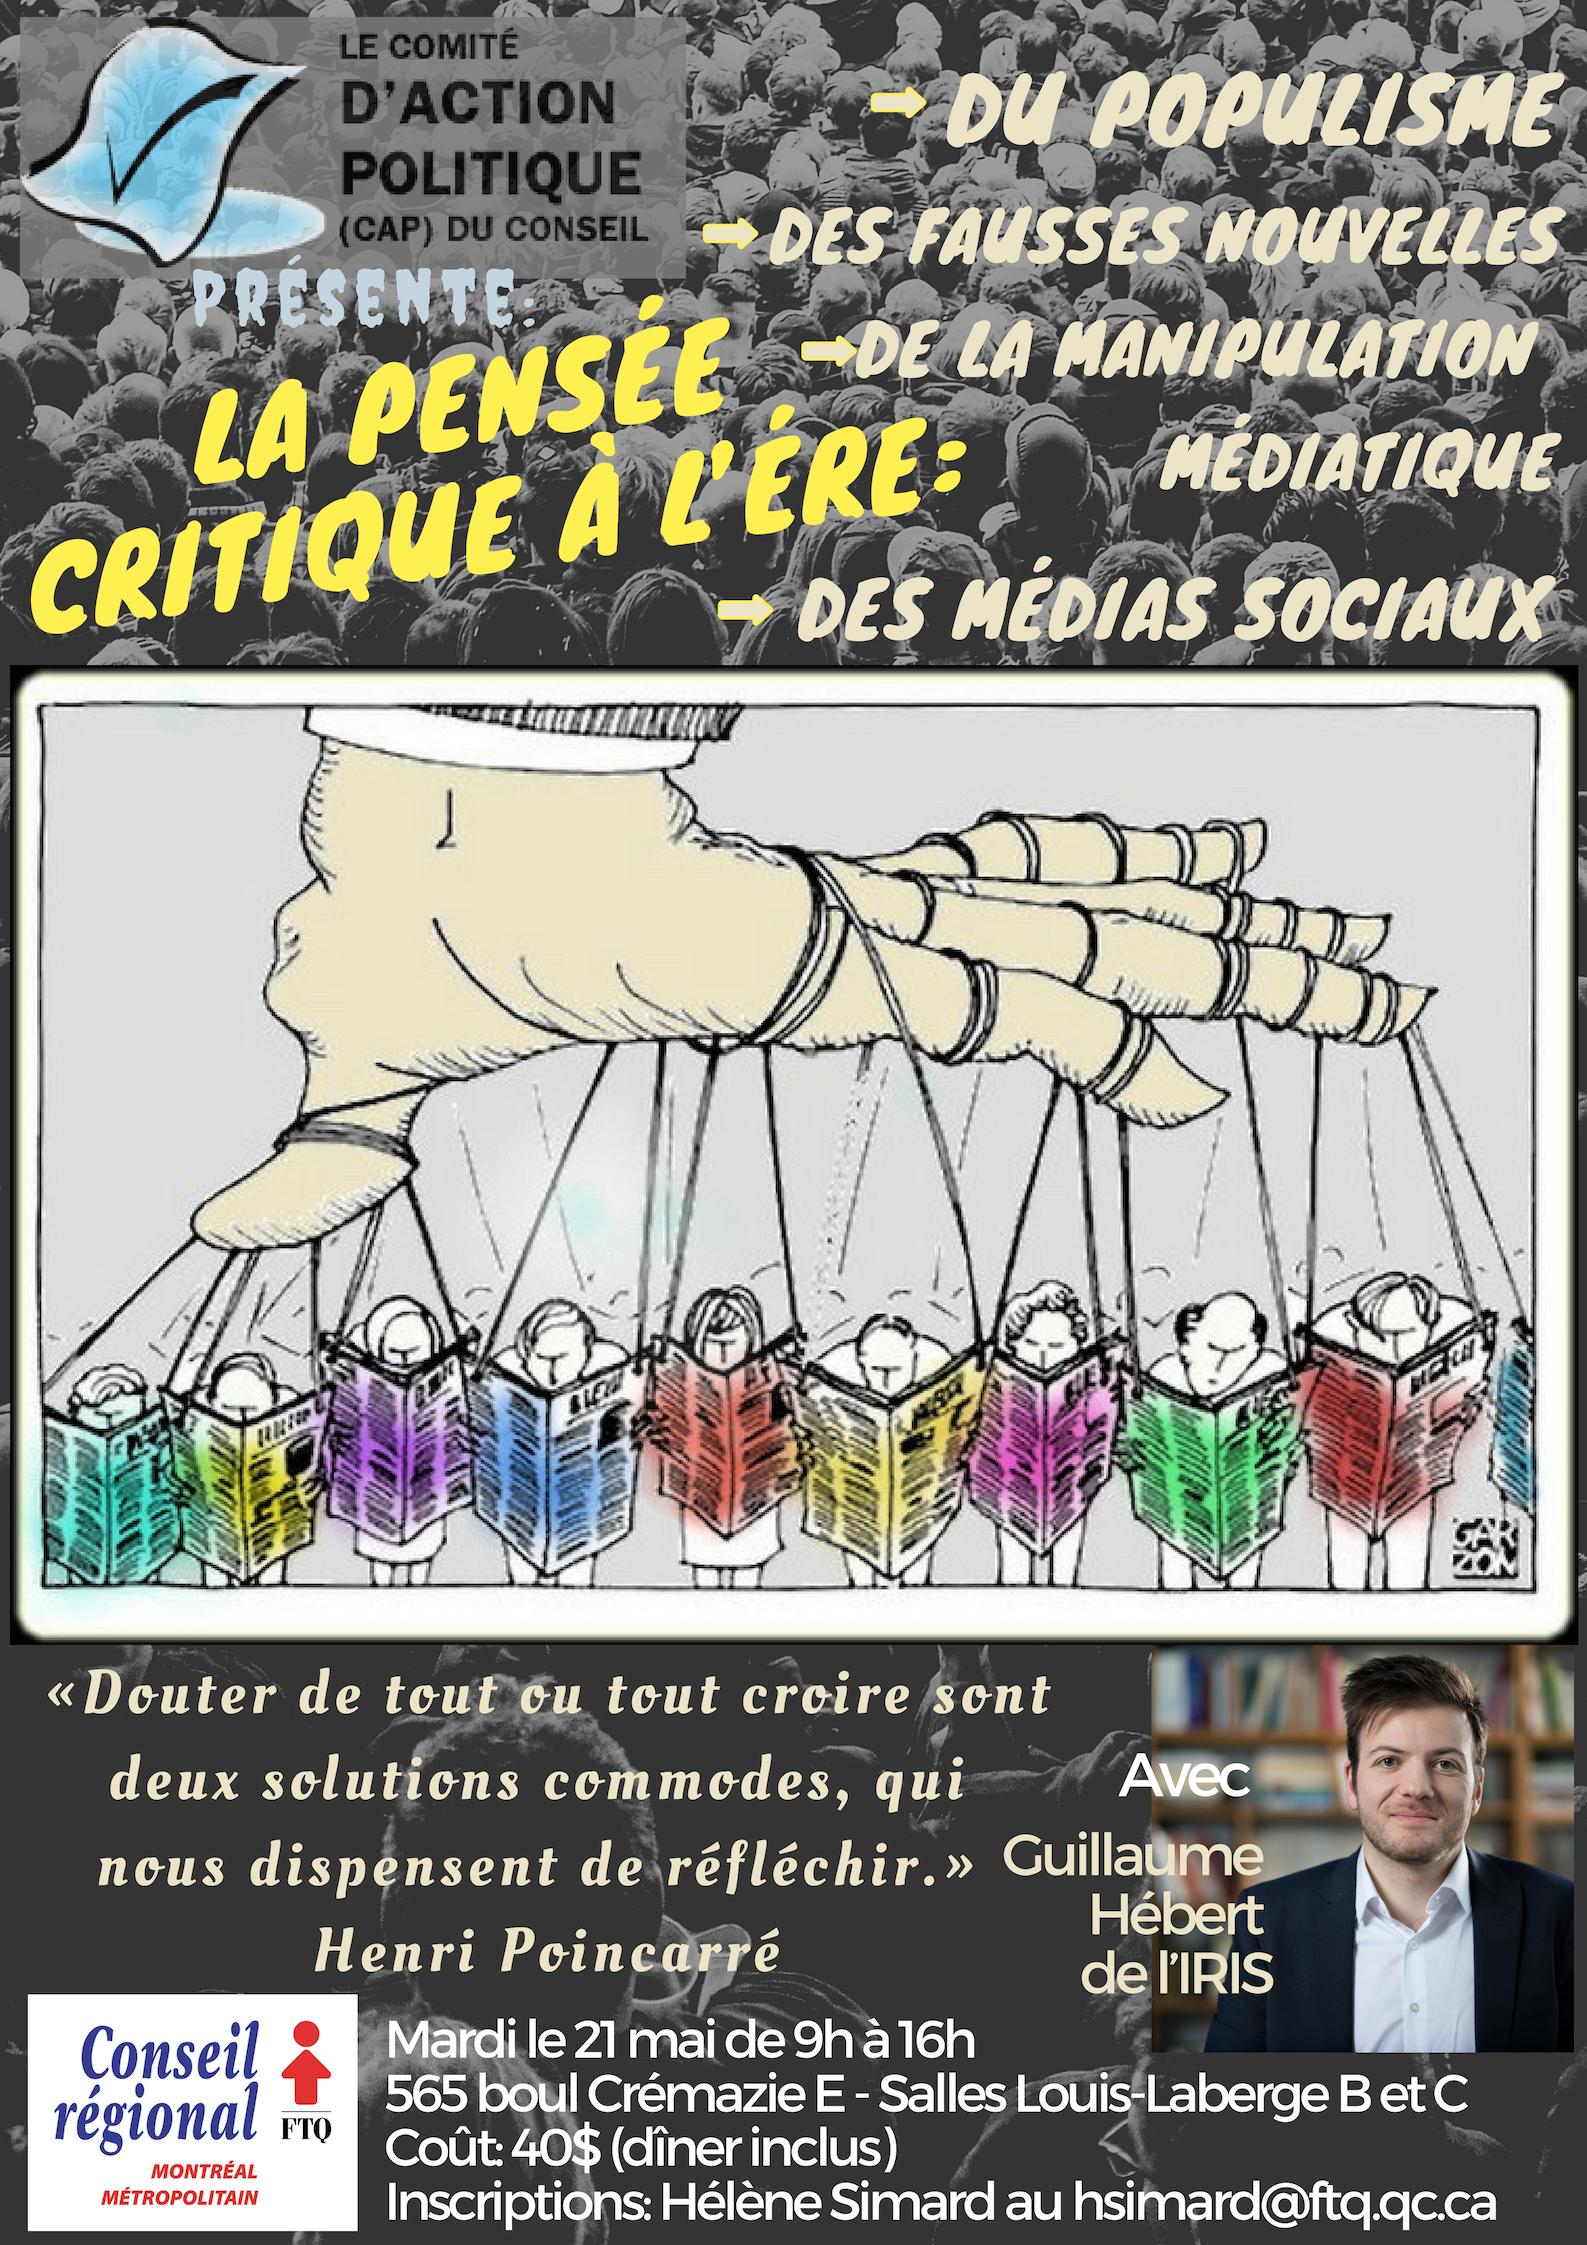 La pensée critique à l'ère... @ FTQ- Salles Louis-Laberge B et C